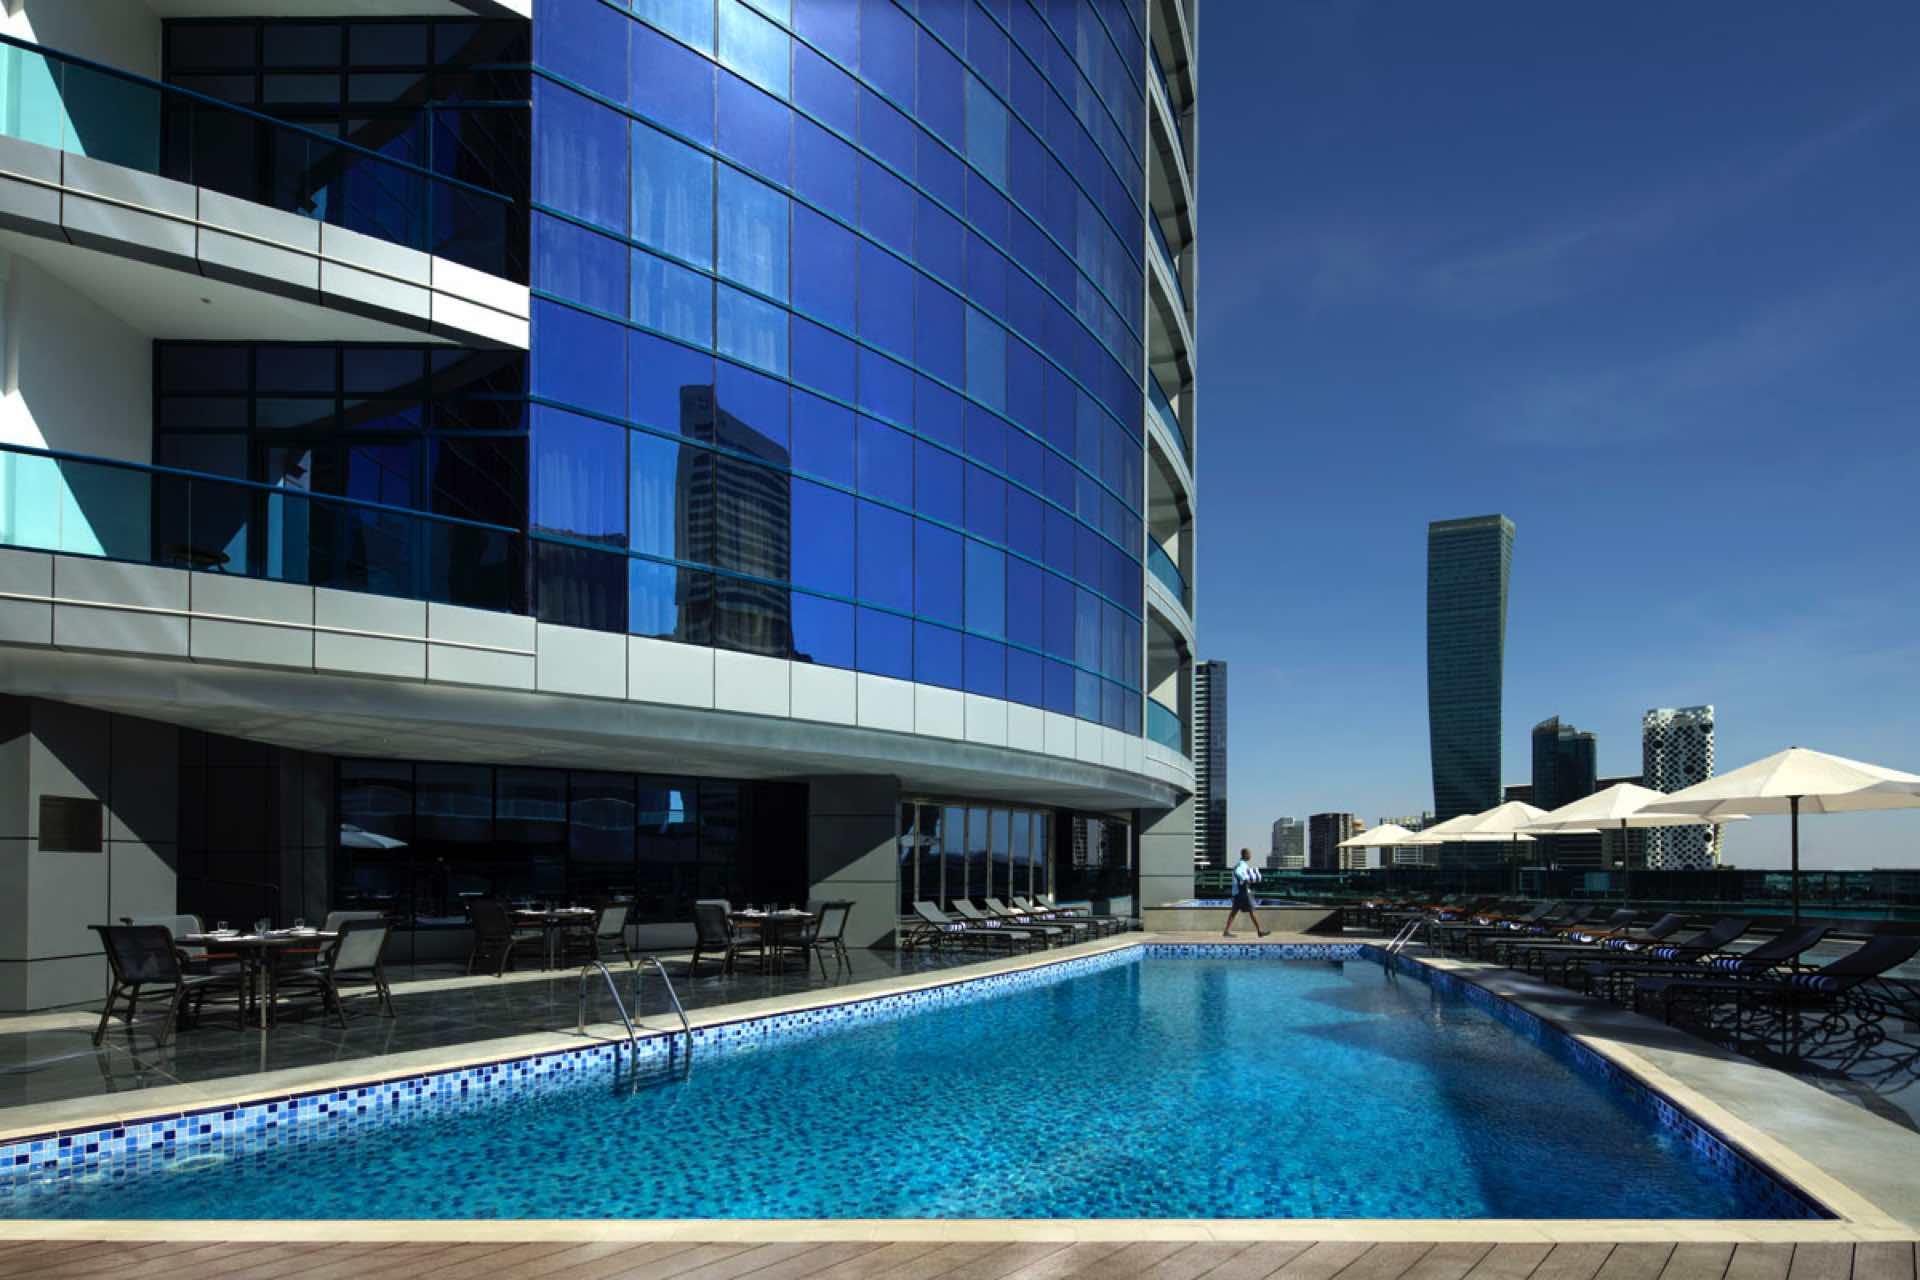 Populaire stedentripbestemmingen: Radisson Blu Hotel Dubai Waterfront